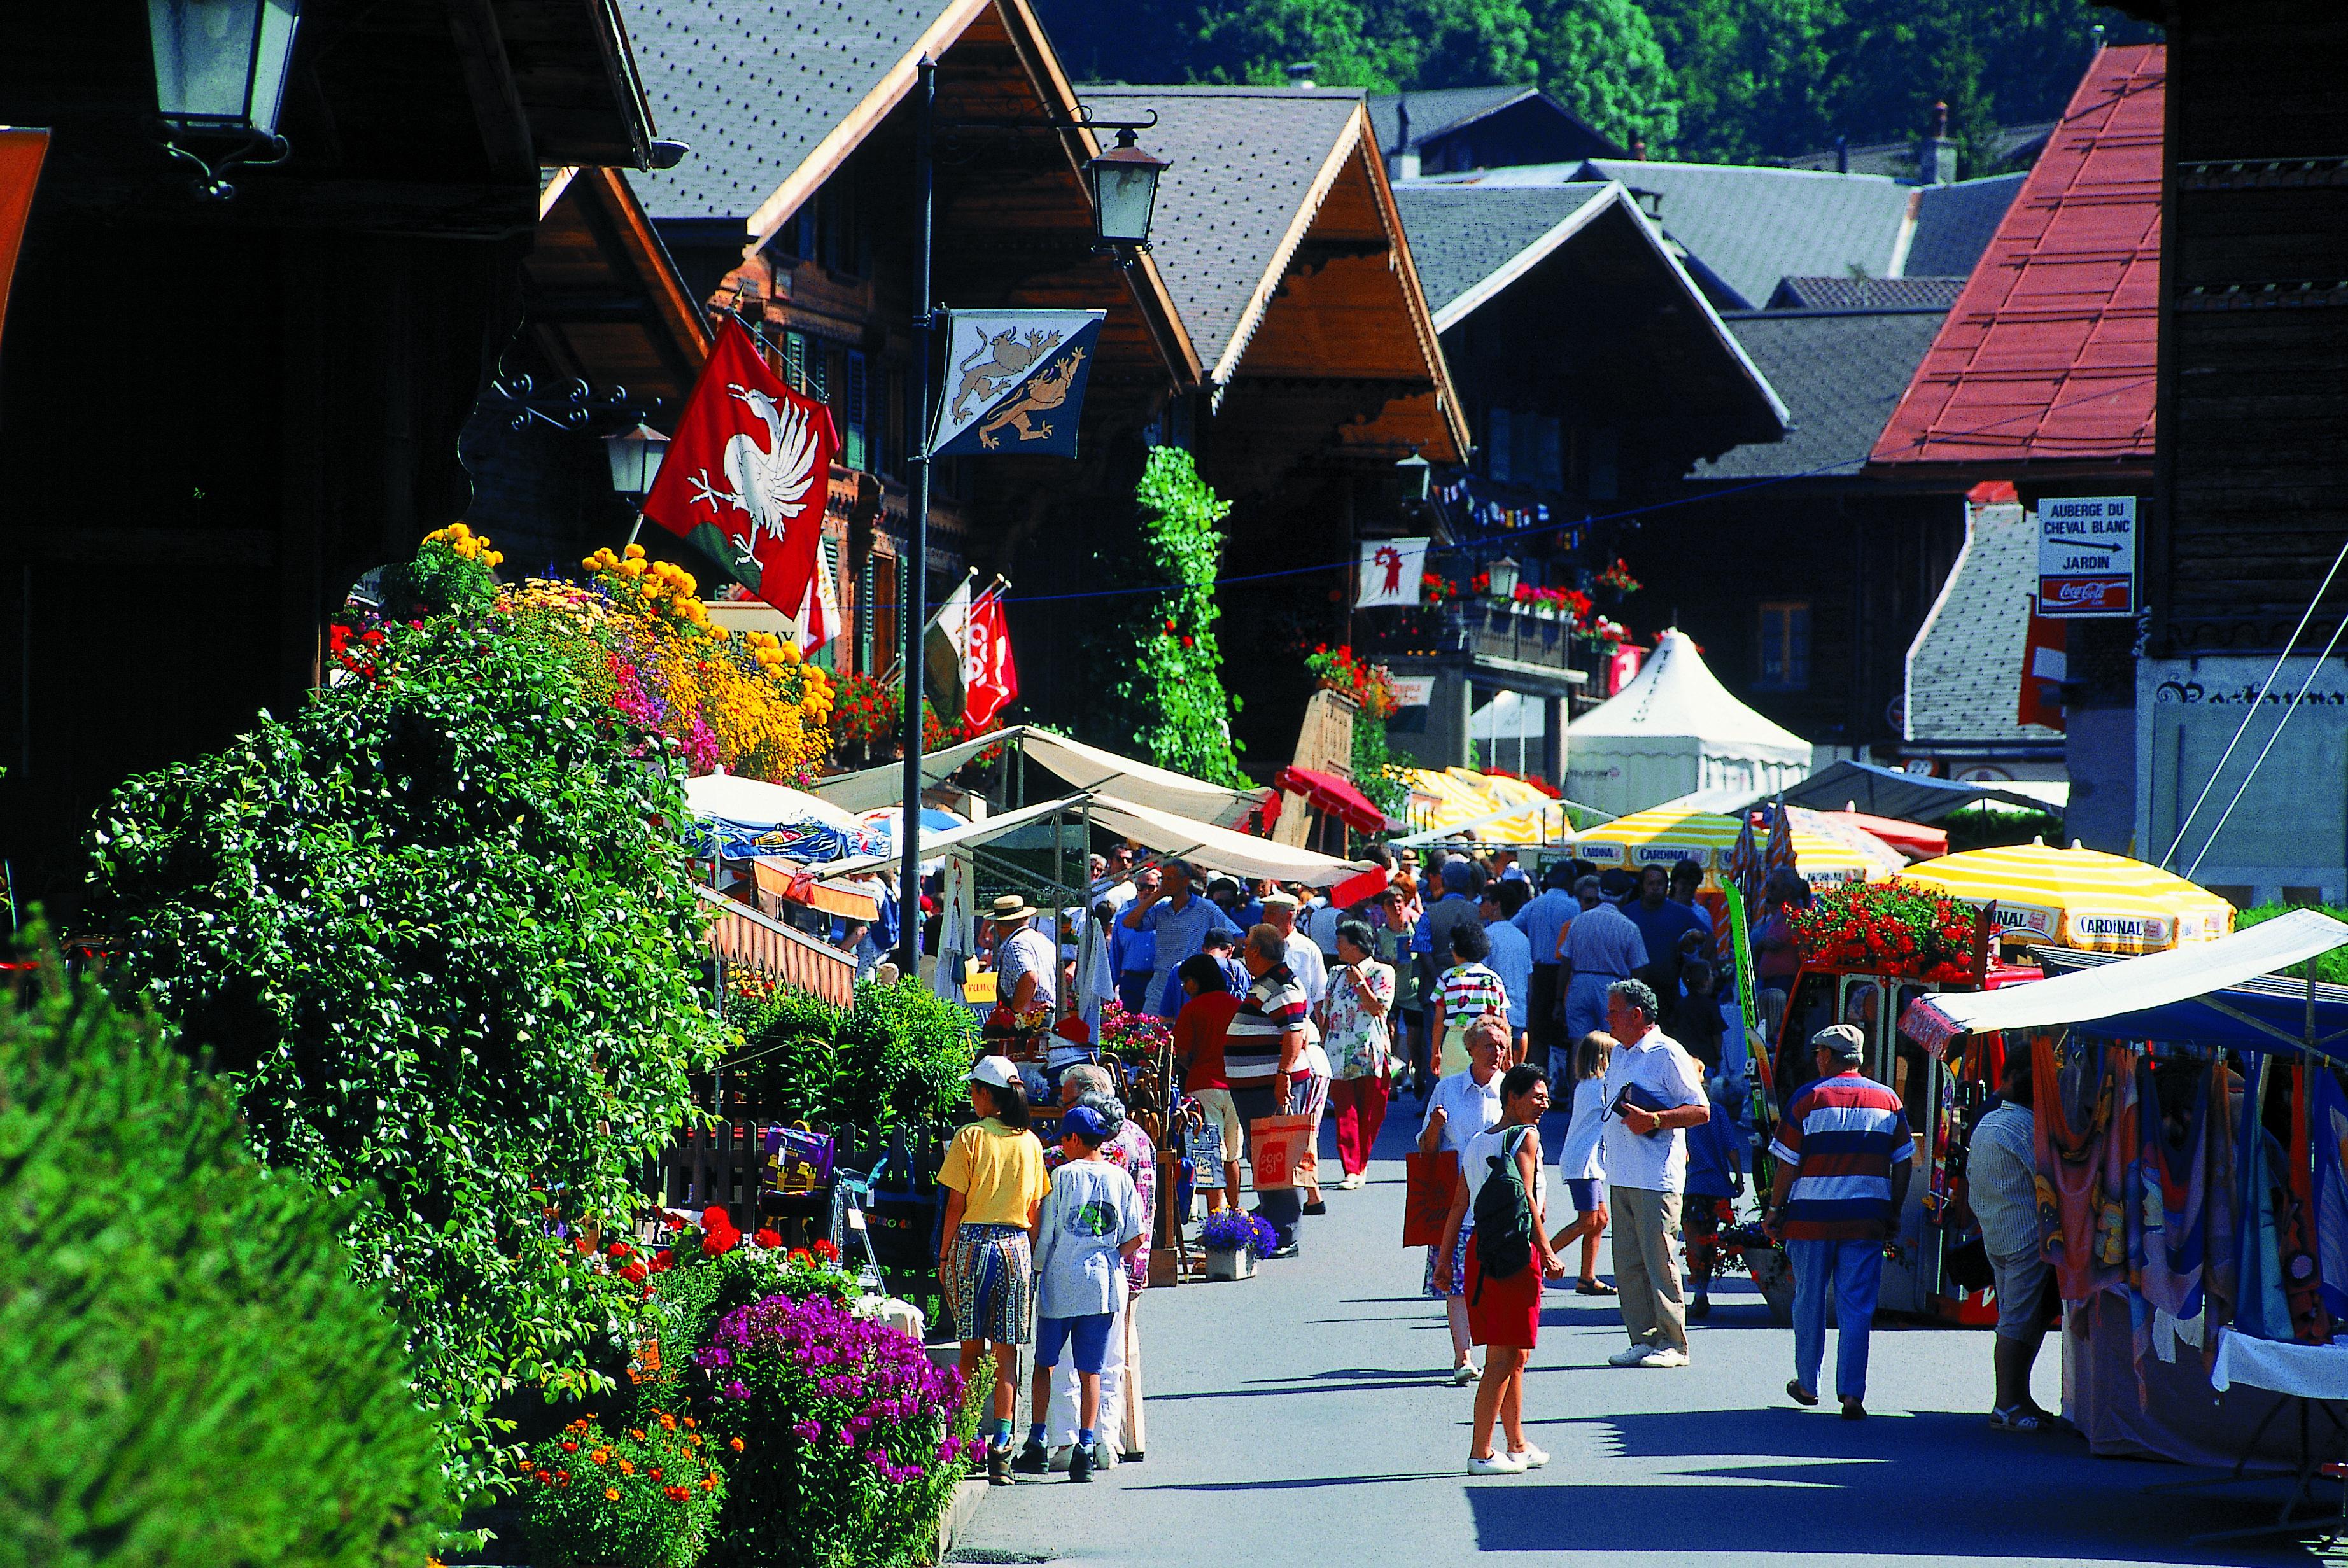 Les plus beaux villages de Suisse romande - Rougemont (Vaud)